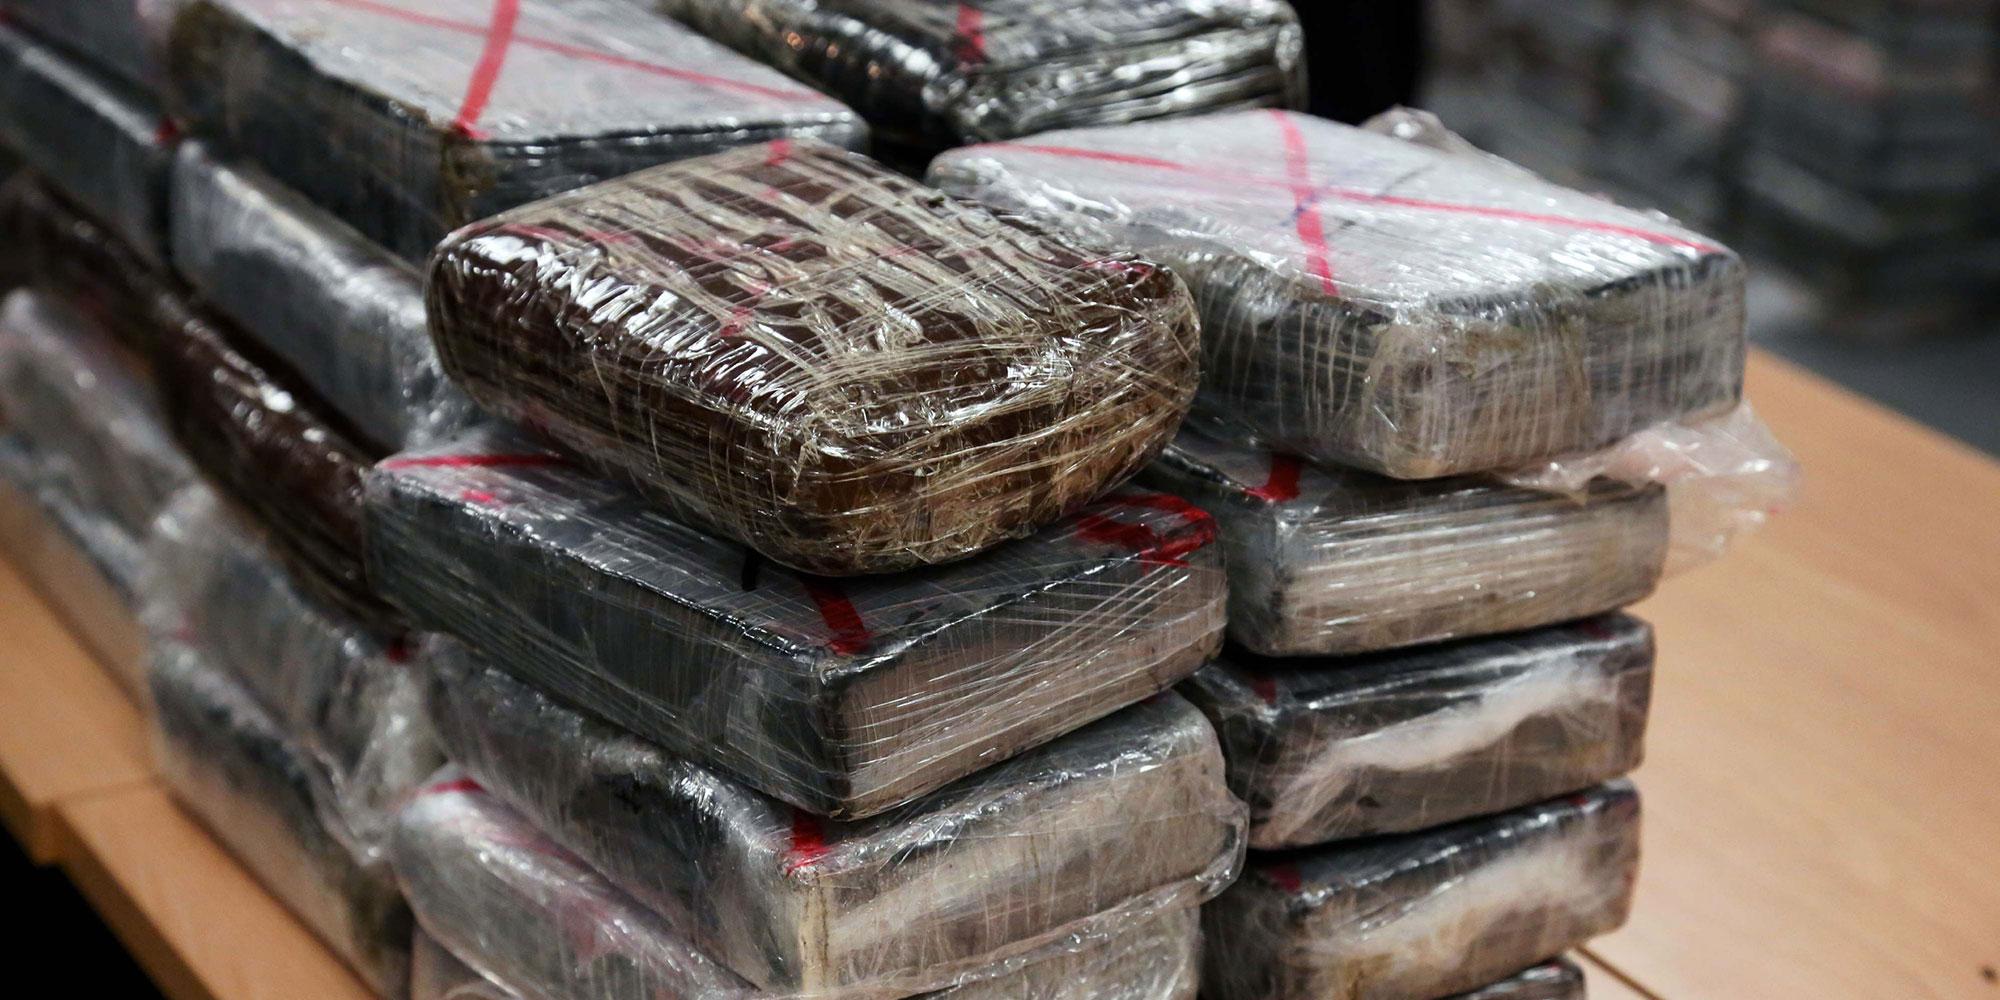 Trafic de drogue : 1,4 tonne de cocaïne venue de Martinique saisie dans les Hauts-de-Seine